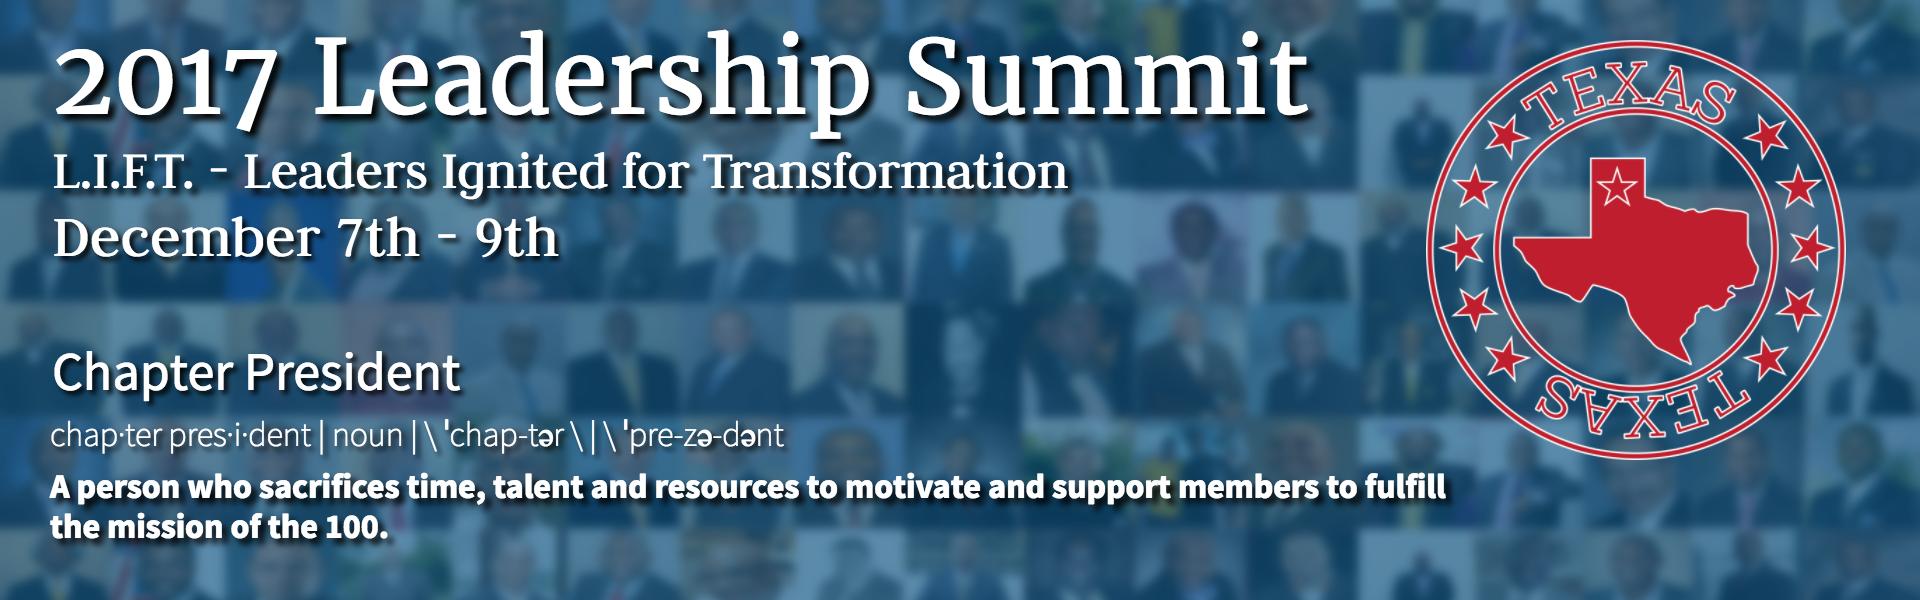 2017 Leadership Summit